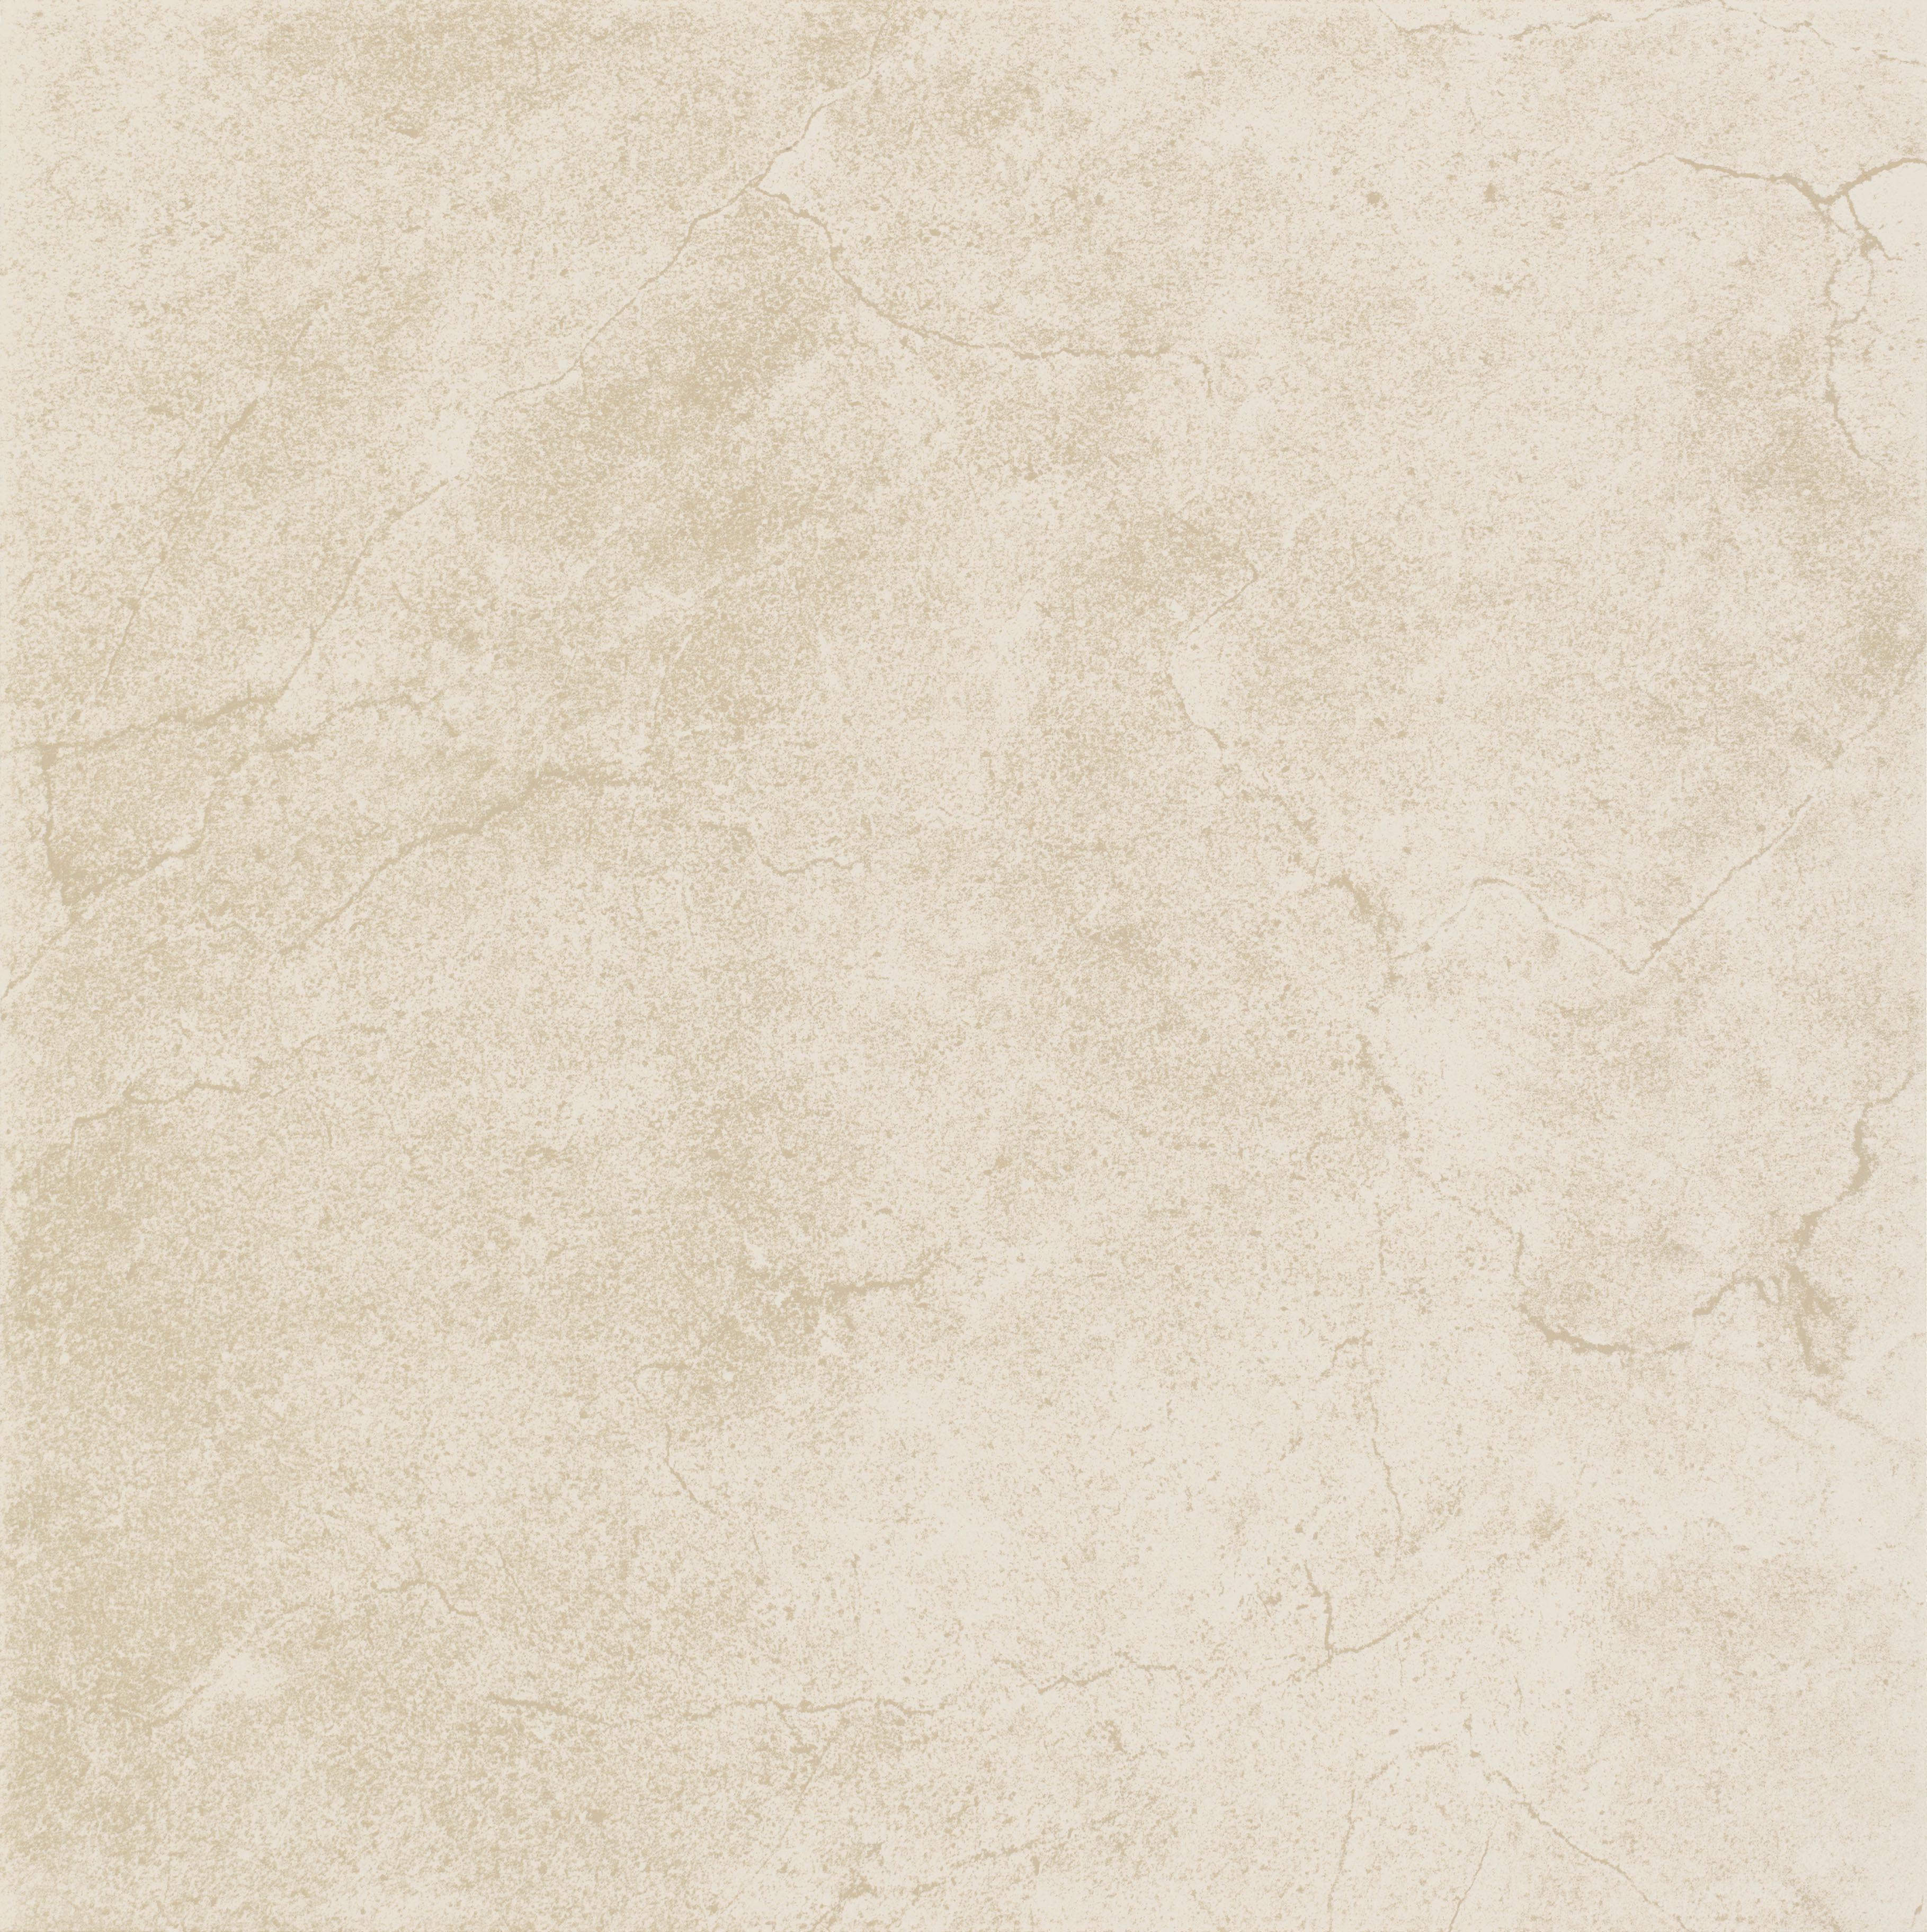 Напольная плитка Ceramika Paradyz Ceramika Paradyz Inspirio Beige 40х40 (1,60) paradyz vanilla beige dzbanek 10x10